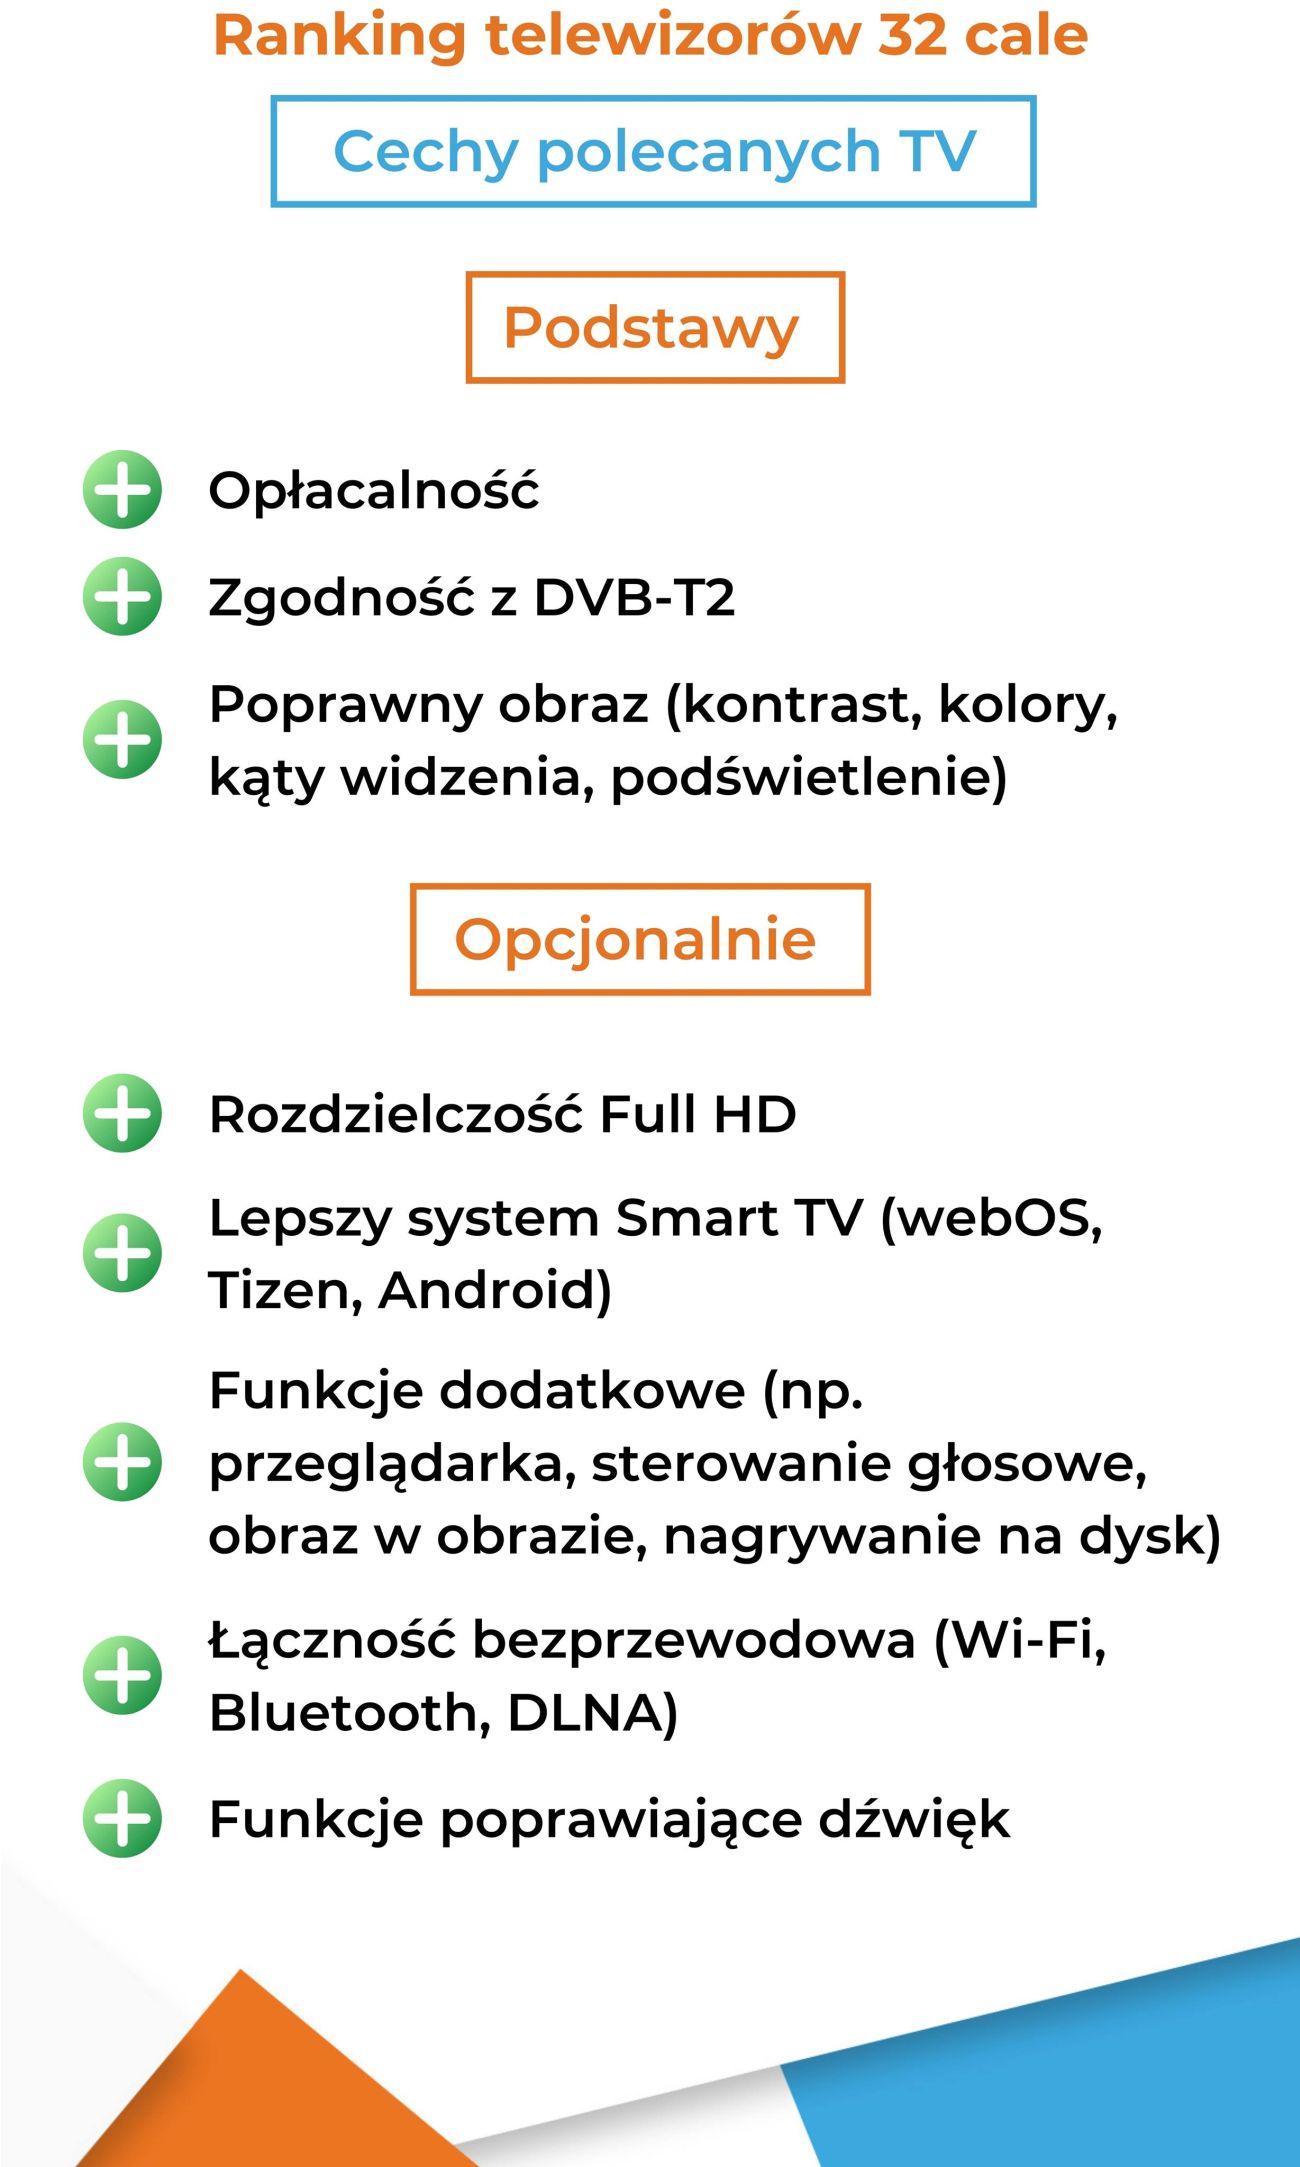 Ranking telewizorów 32 cale - Jakie są najlepsze telewizory 32 cale? Infografika